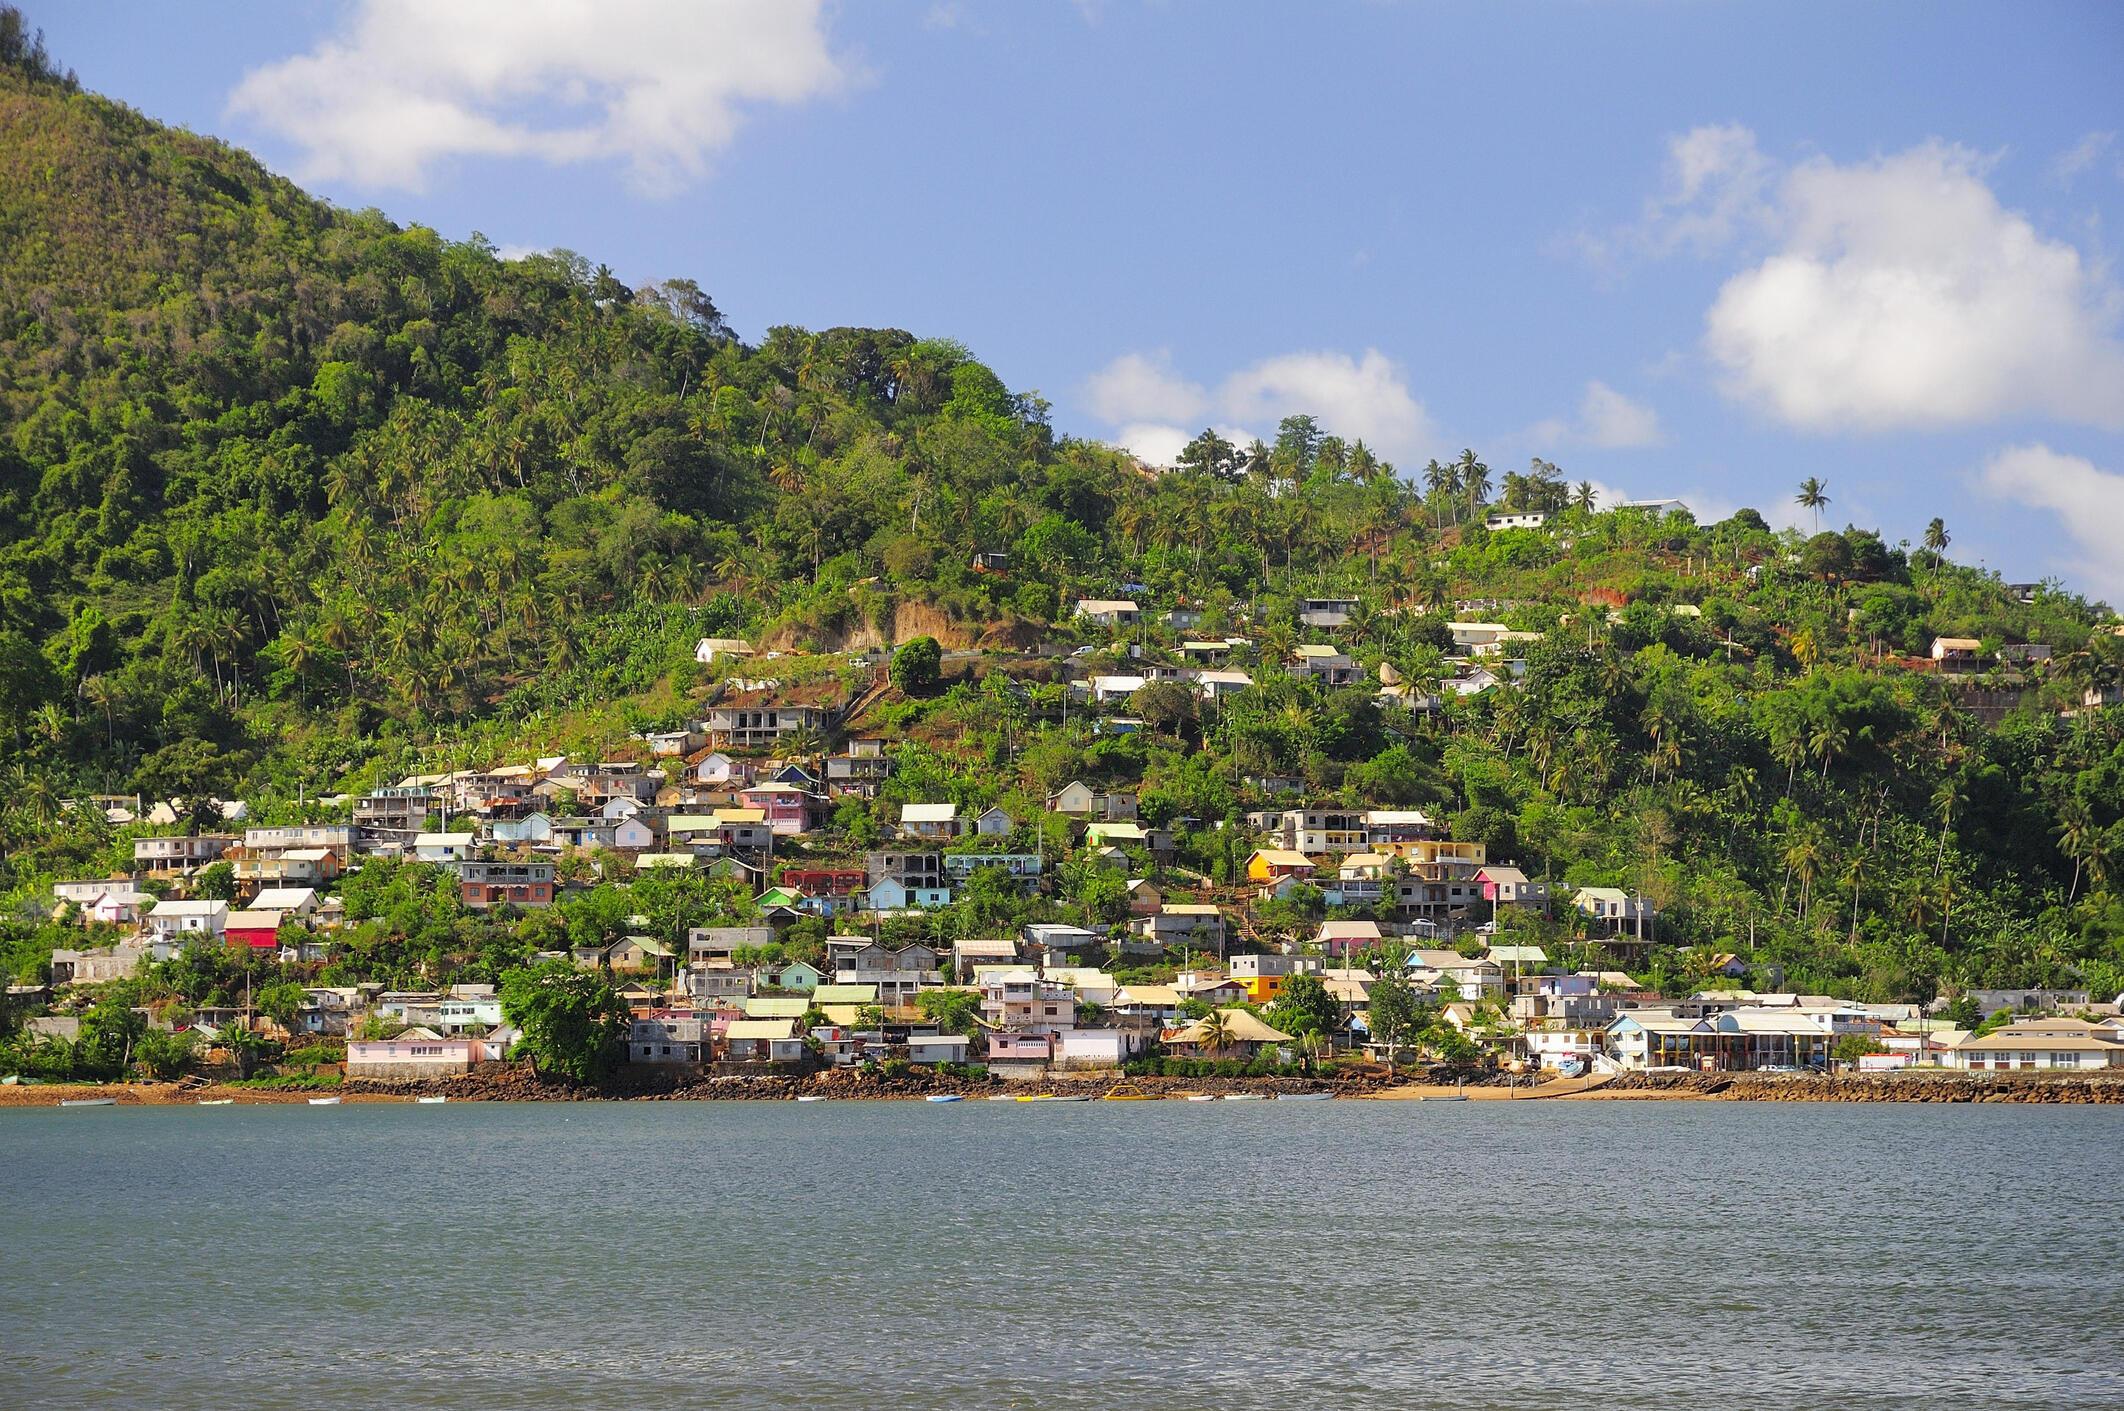 Vue de la mer vers la baie de Chiconi, à Mayotte. (photo d'illustration)